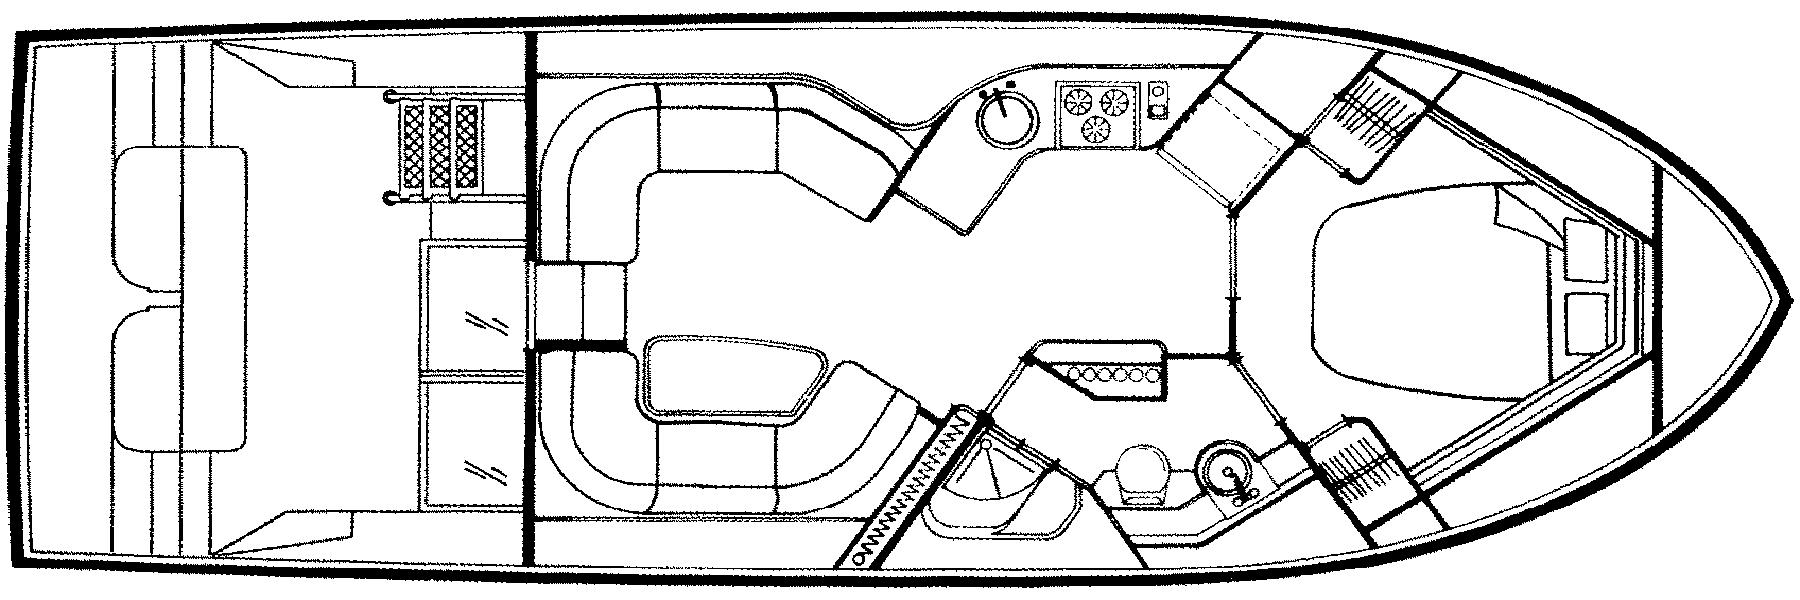 638 Santego; 380 Santego Floor Plan 1